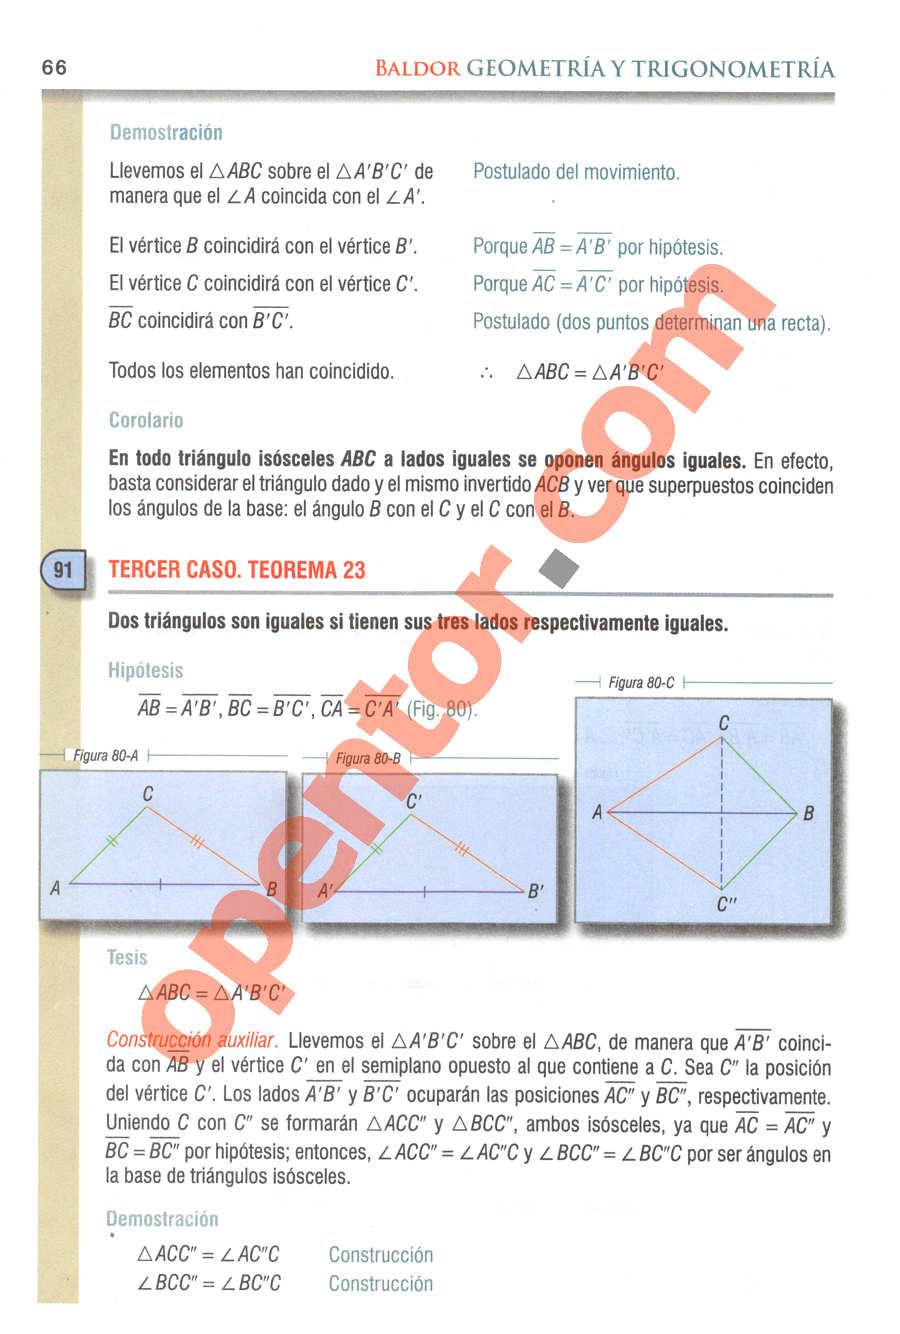 Geometría y Trigonometría de Baldor - Página 66